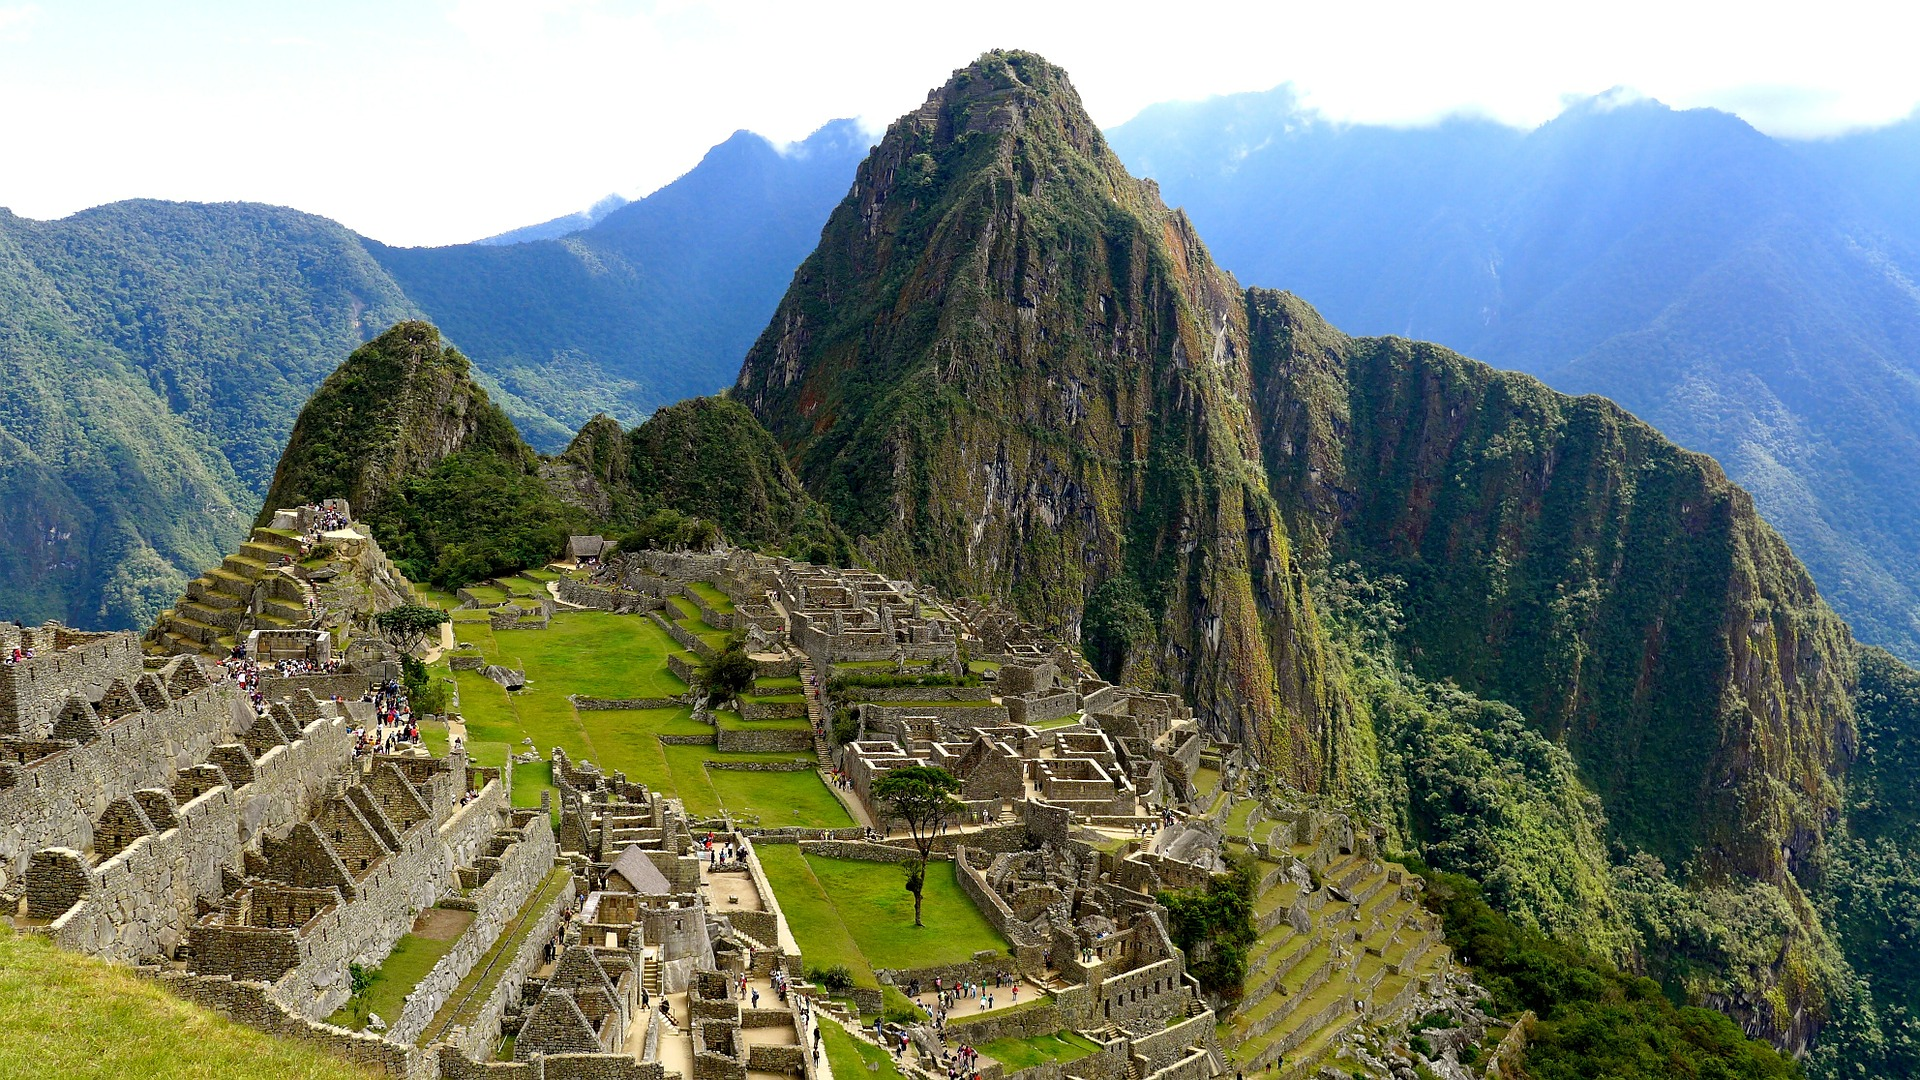 Most beautiful places - Machu Pichu